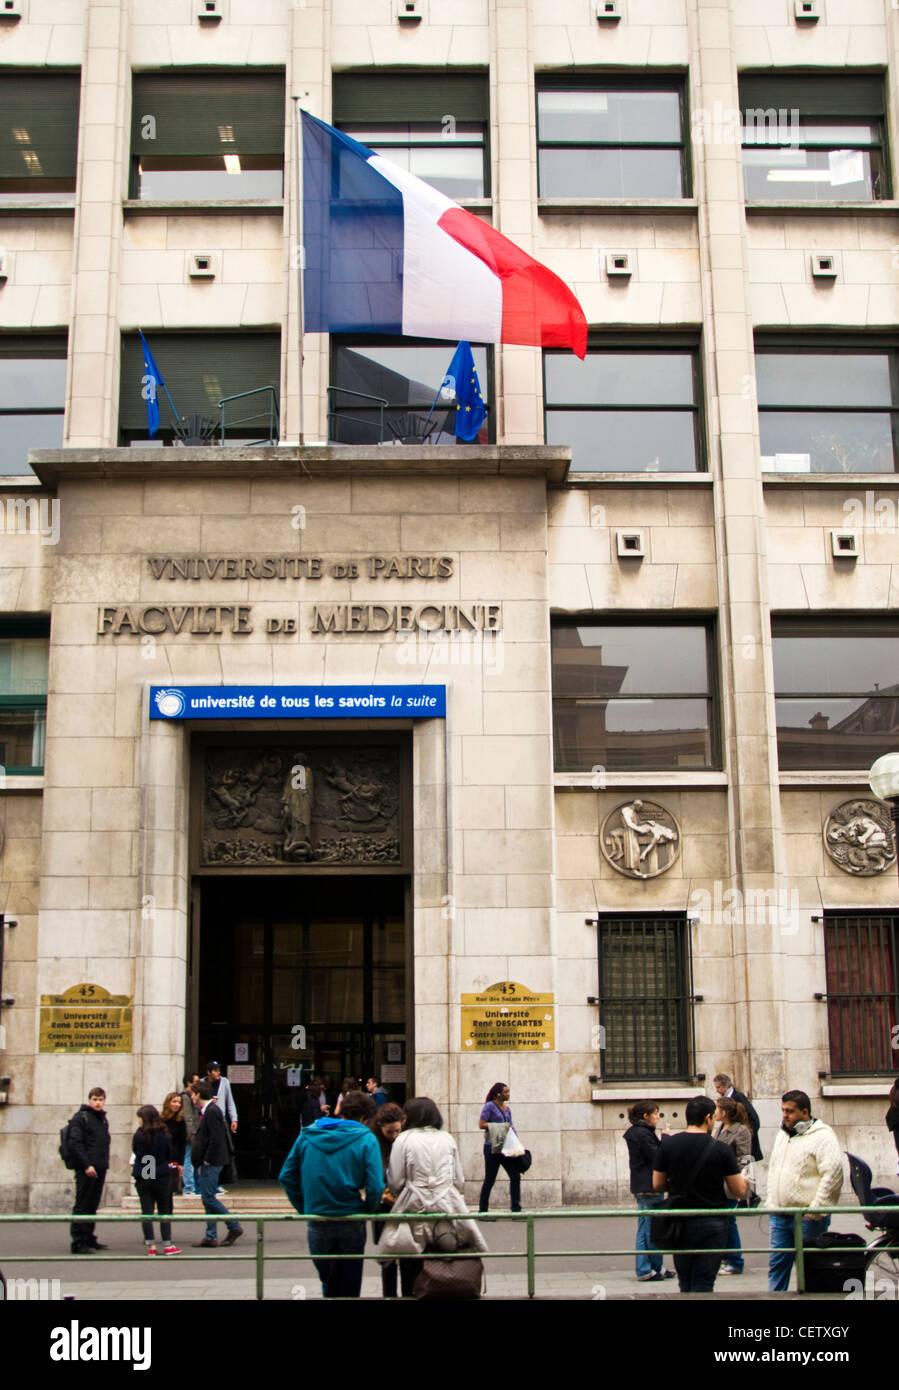 Medical Faculty University of Paris Rene Descartes Rue des Saints Peres - Stock Image